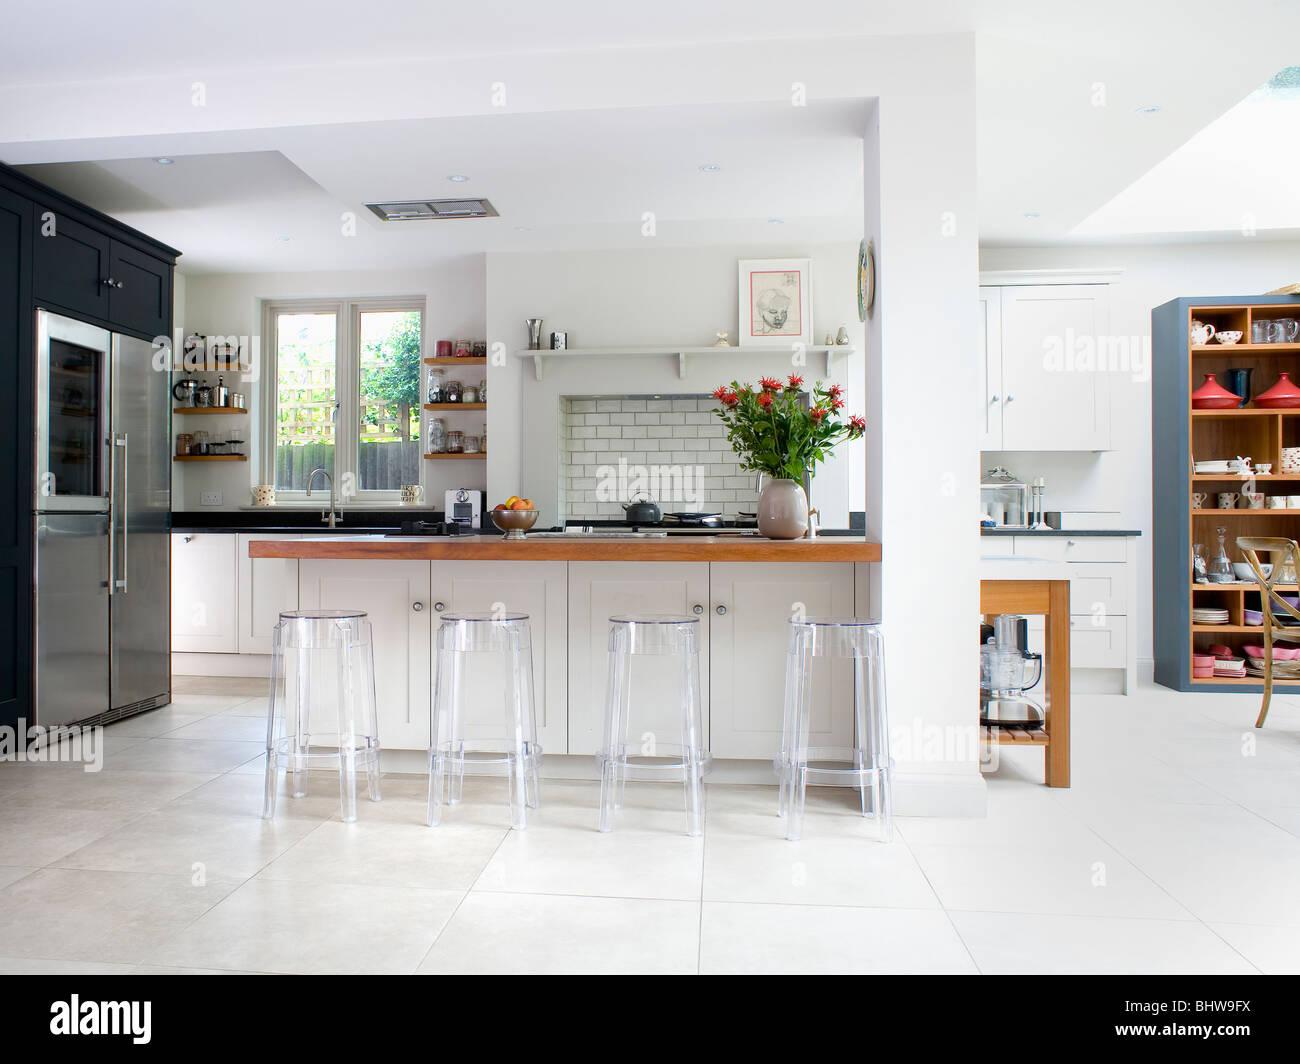 Hocker Plexiglas an Frühstücksbar in große, moderne weiße ...